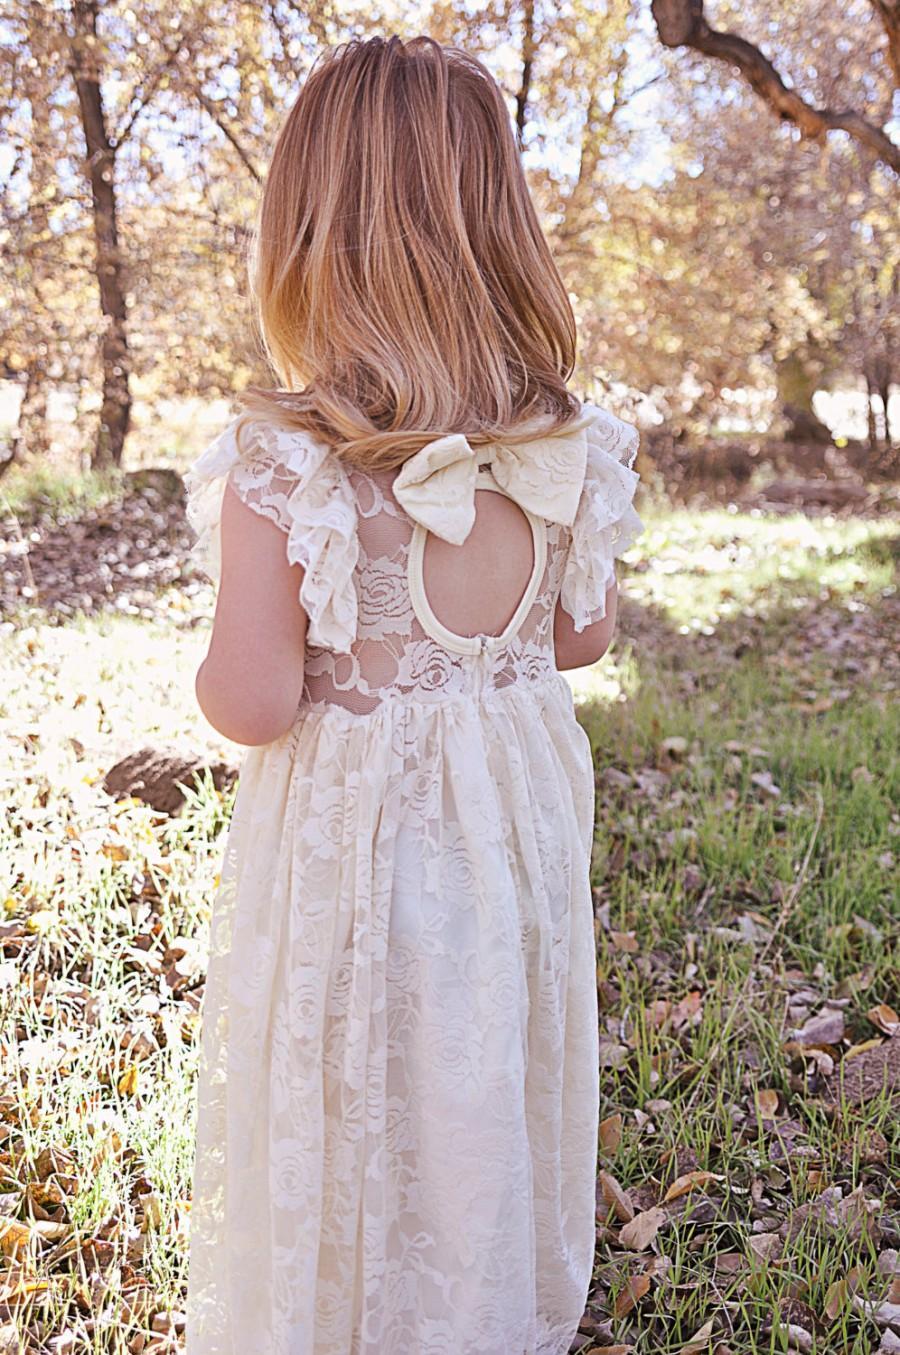 زفاف - Ivory Lace Flower Girl Dress - Ivory Lace Sweetheart Neckline Flower Girl Dress - Rustic Flower Girl Dress- Girls Dress - Baby Dress - Frock